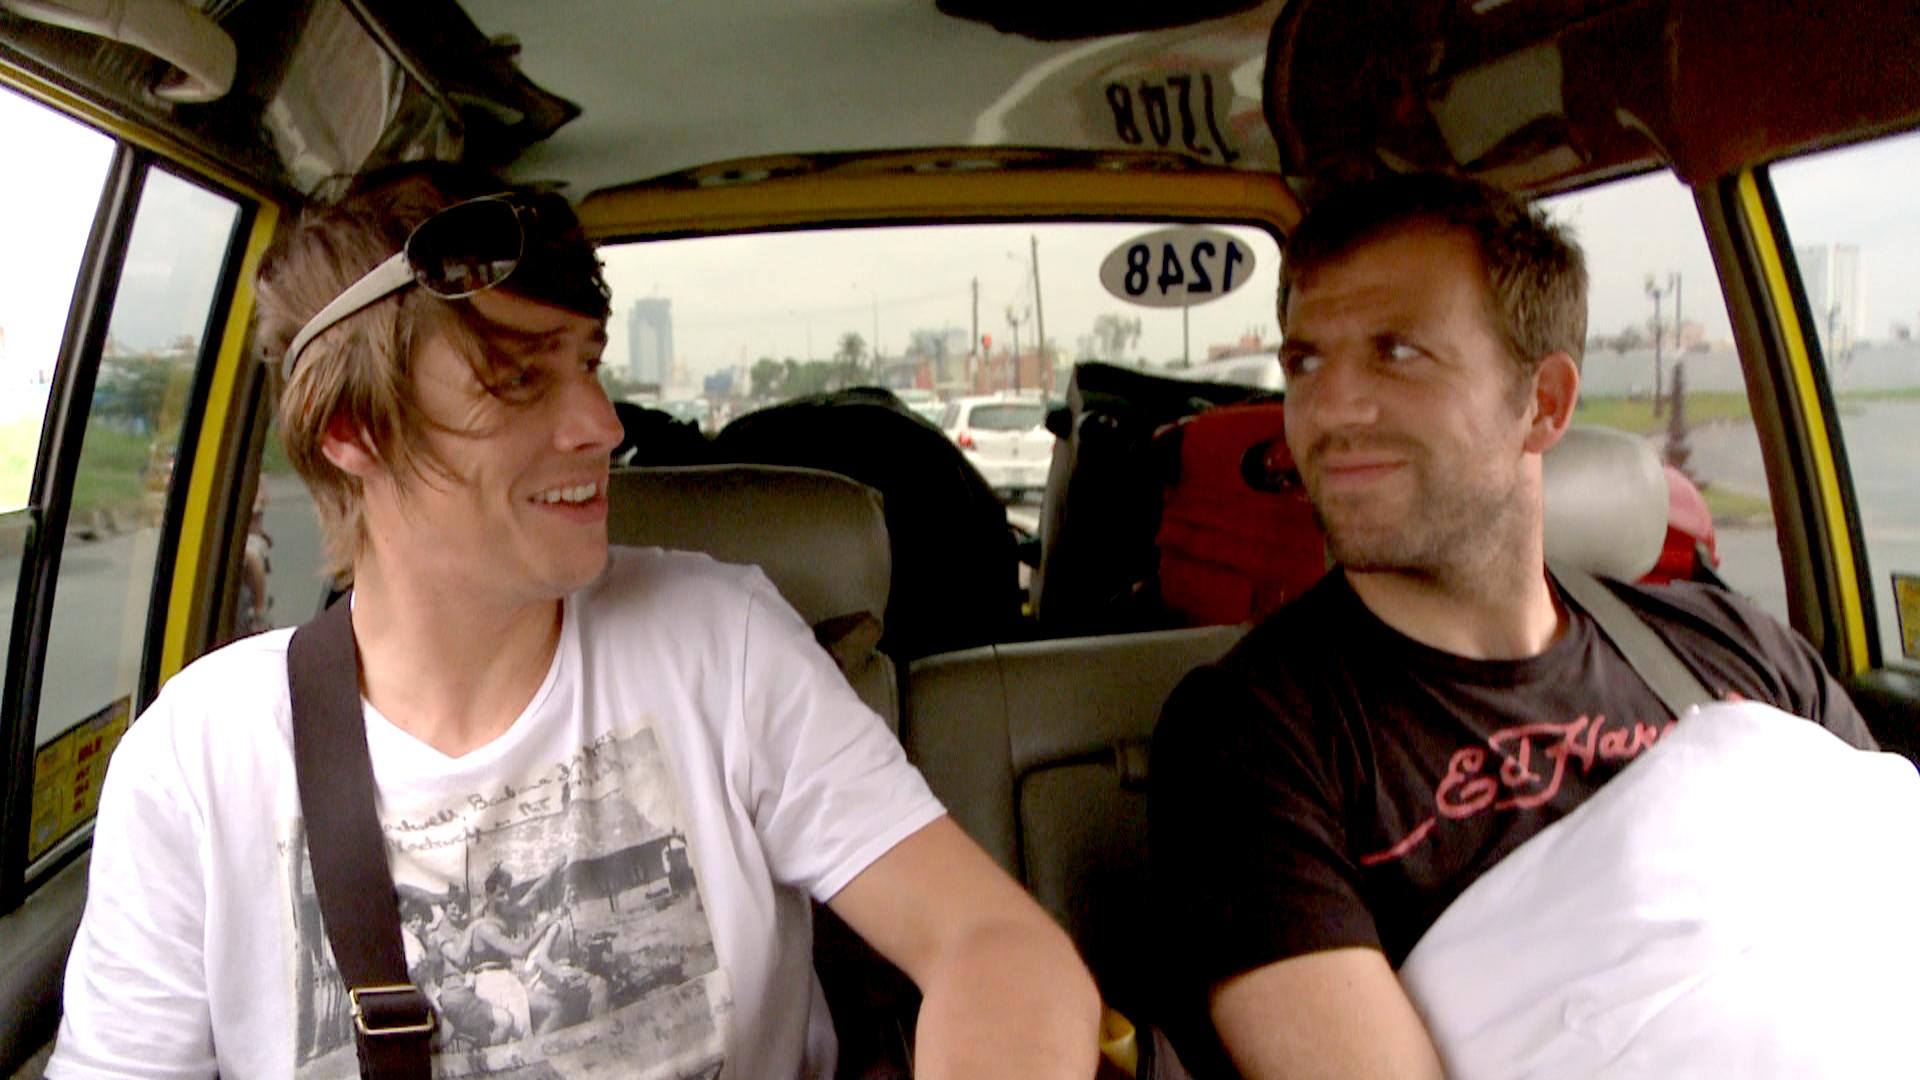 benni und micky im taxi 02.jpg